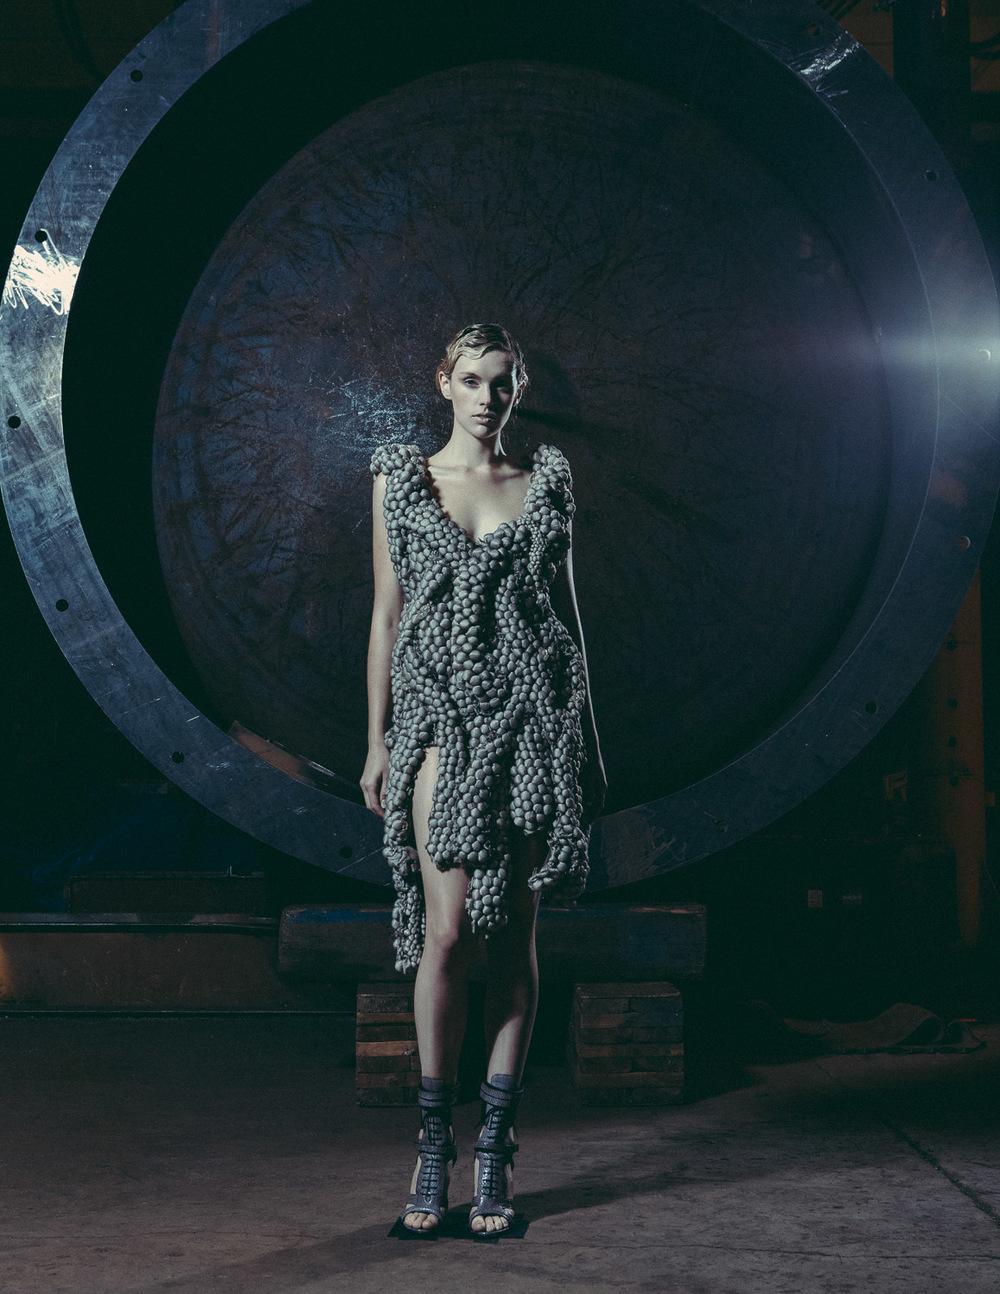 LASALLE Photographer. Trevor Brady